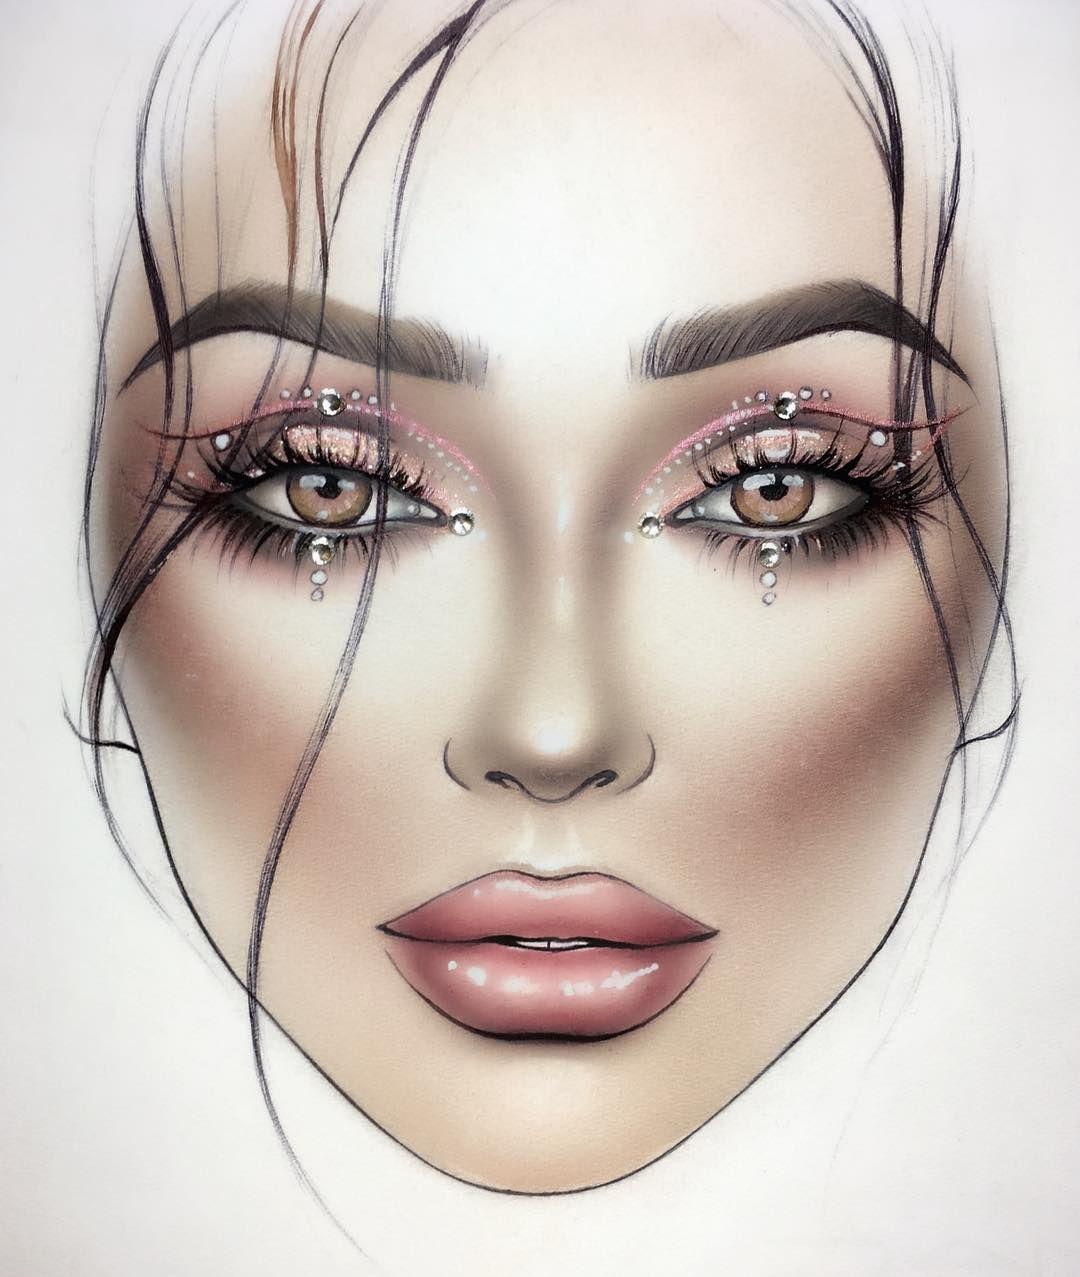 Pin by Shannan Mae on Face charts Makeup face charts